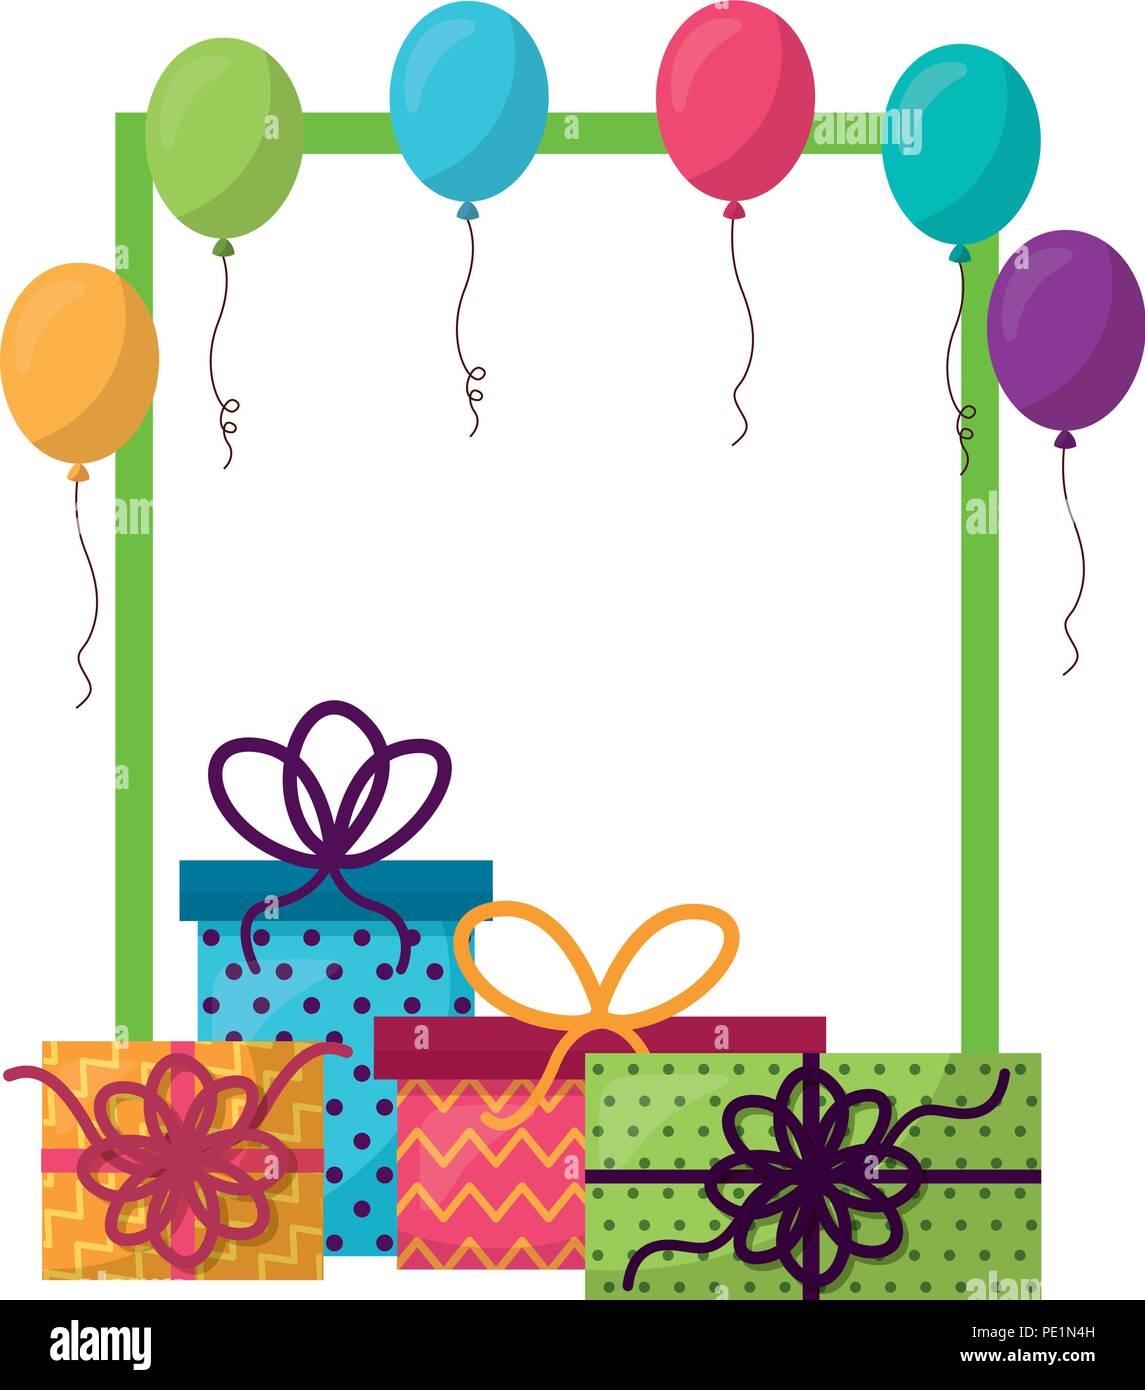 Helium Birthday Balloons Stockfotos & Helium Birthday Balloons ...